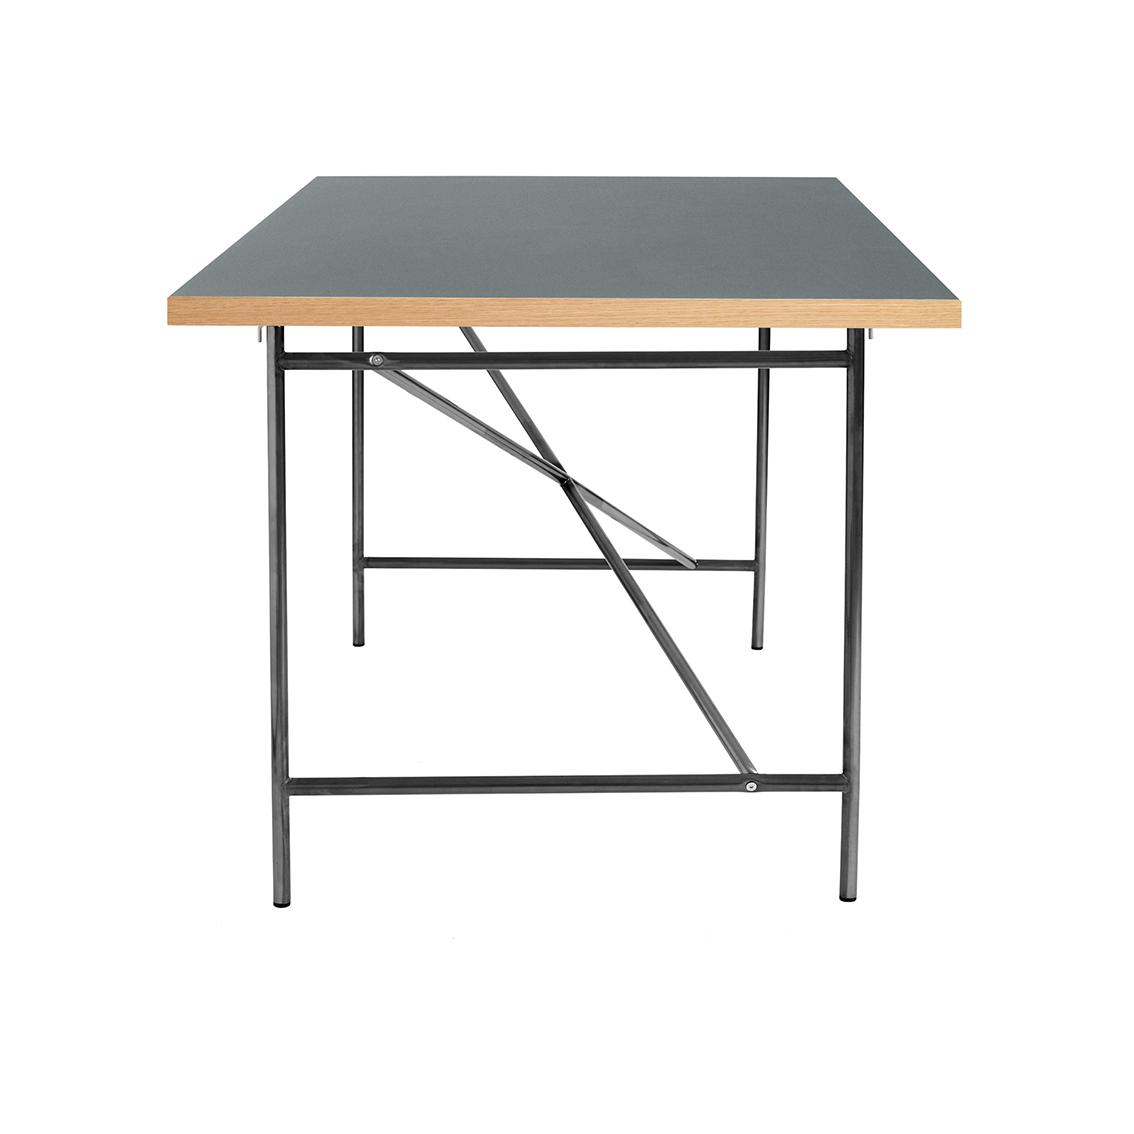 Eiermann 1 Writing Desk 160 x 80